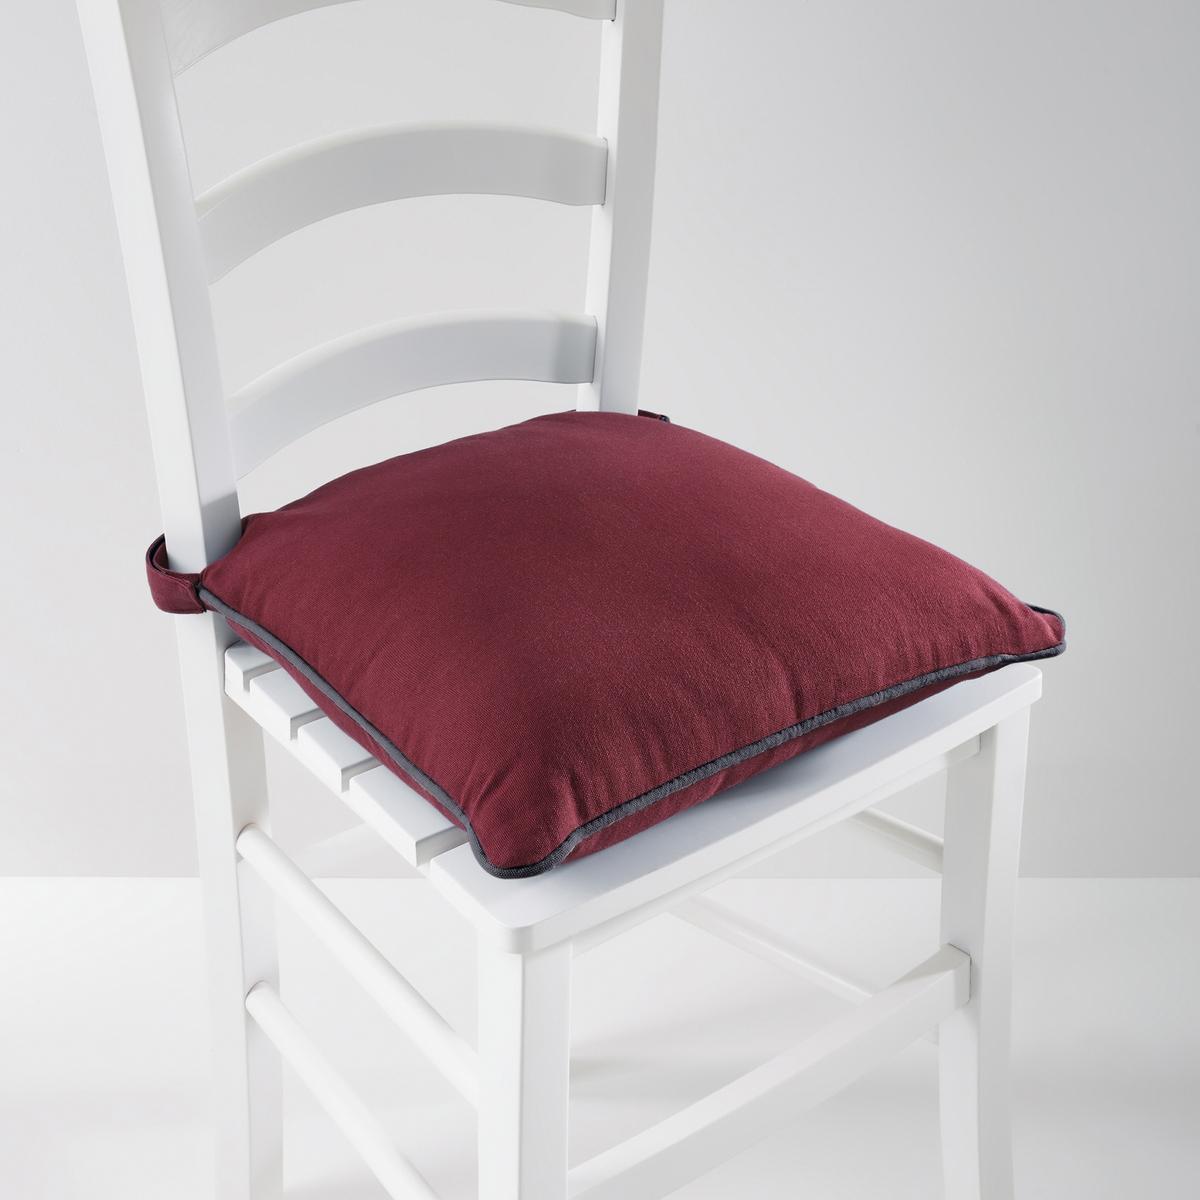 Подушка для стула, BRIDGY